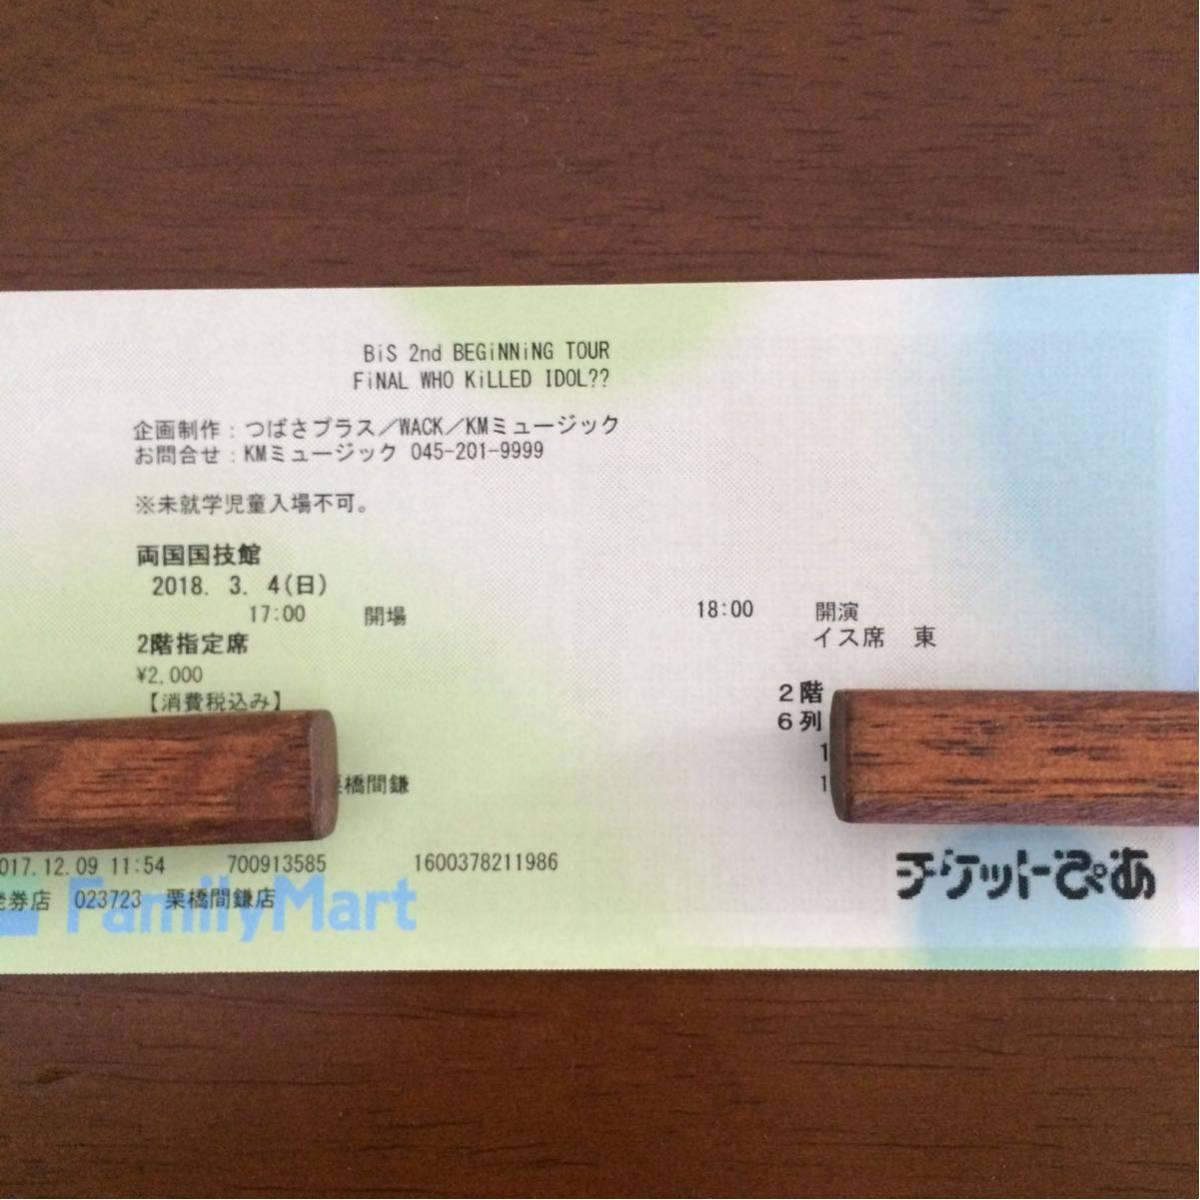 3/4(日) BiS 東京・両国国技館 2階指定席 1枚